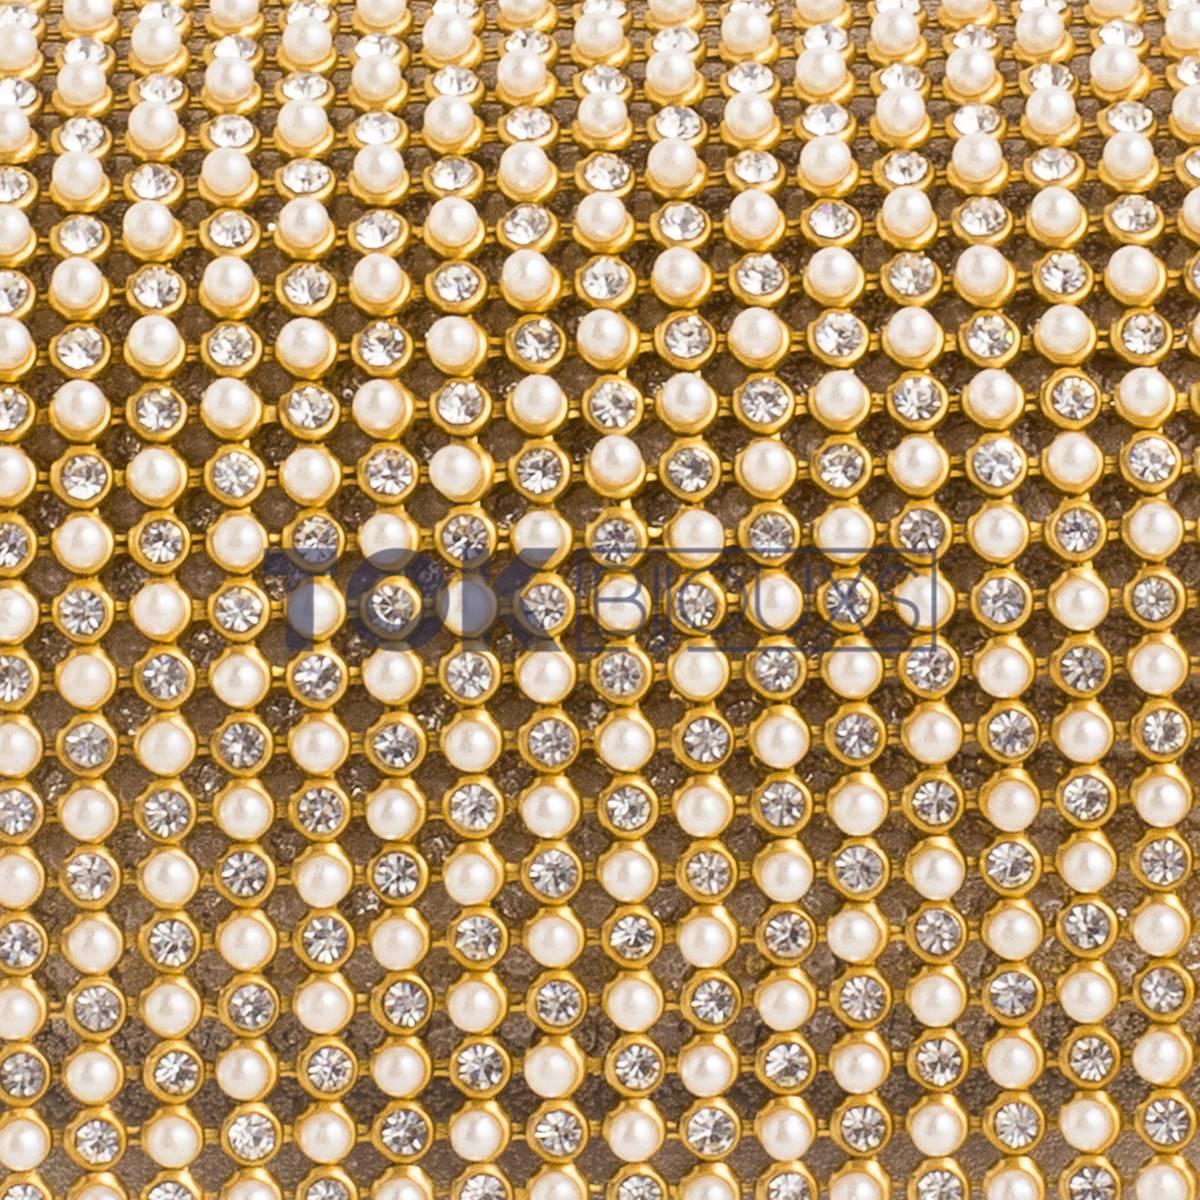 Manta Strass SS10 - Perola c/ Strass Dourado - 120cm X 45cm